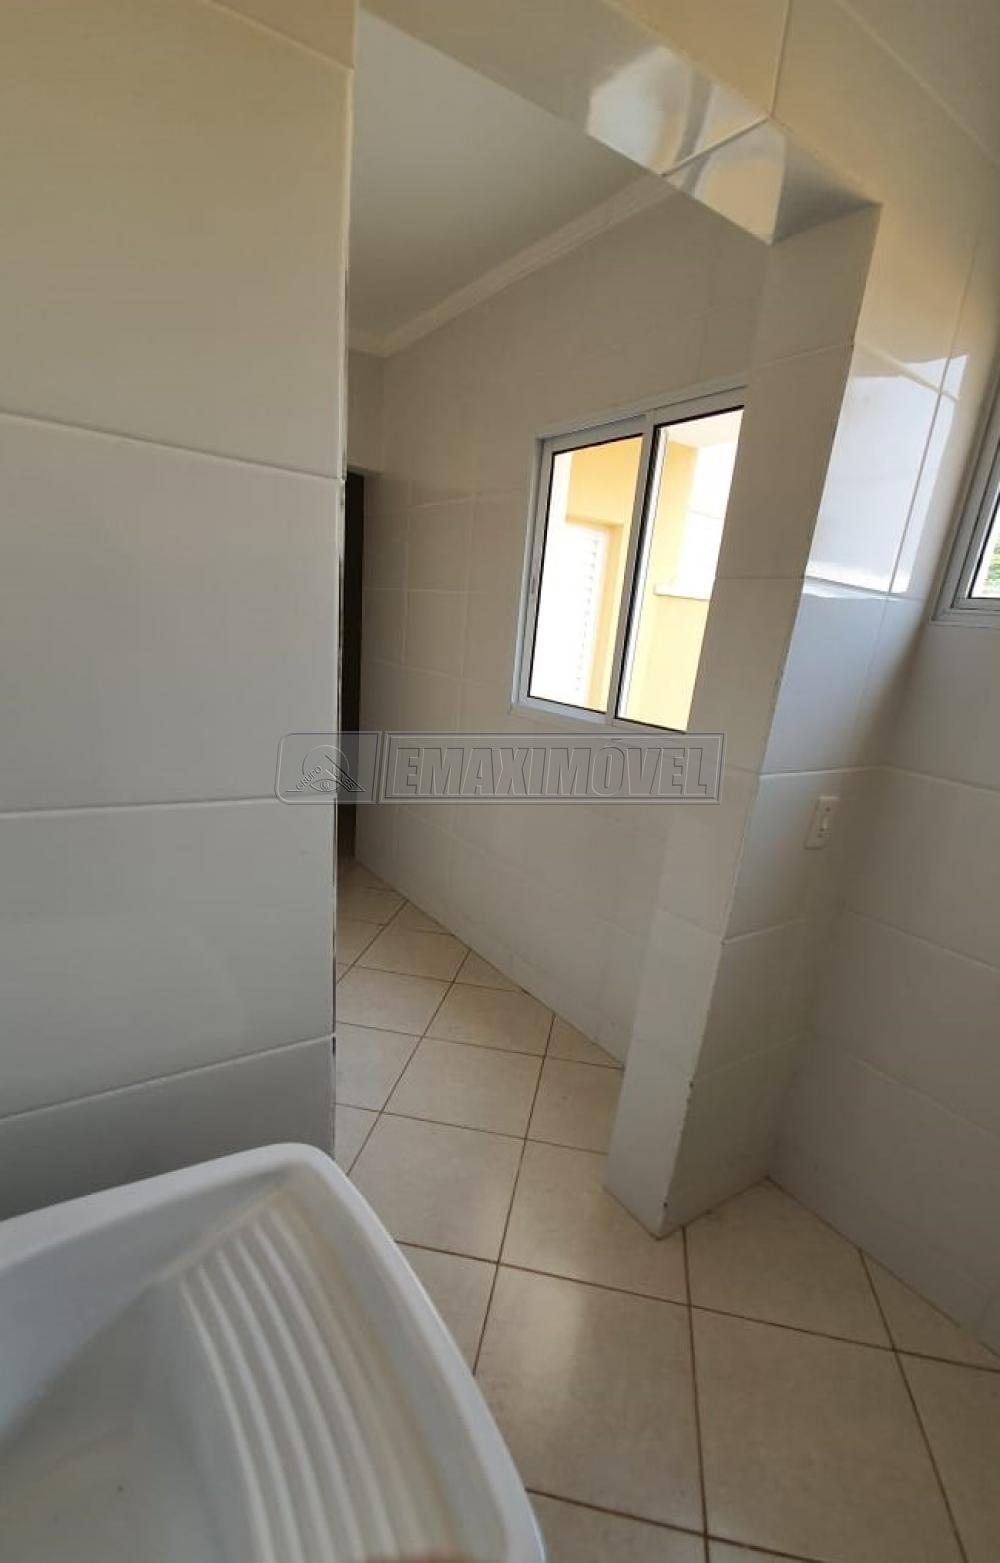 Comprar Apartamentos / Apto Padrão em Sorocaba apenas R$ 140.000,00 - Foto 11